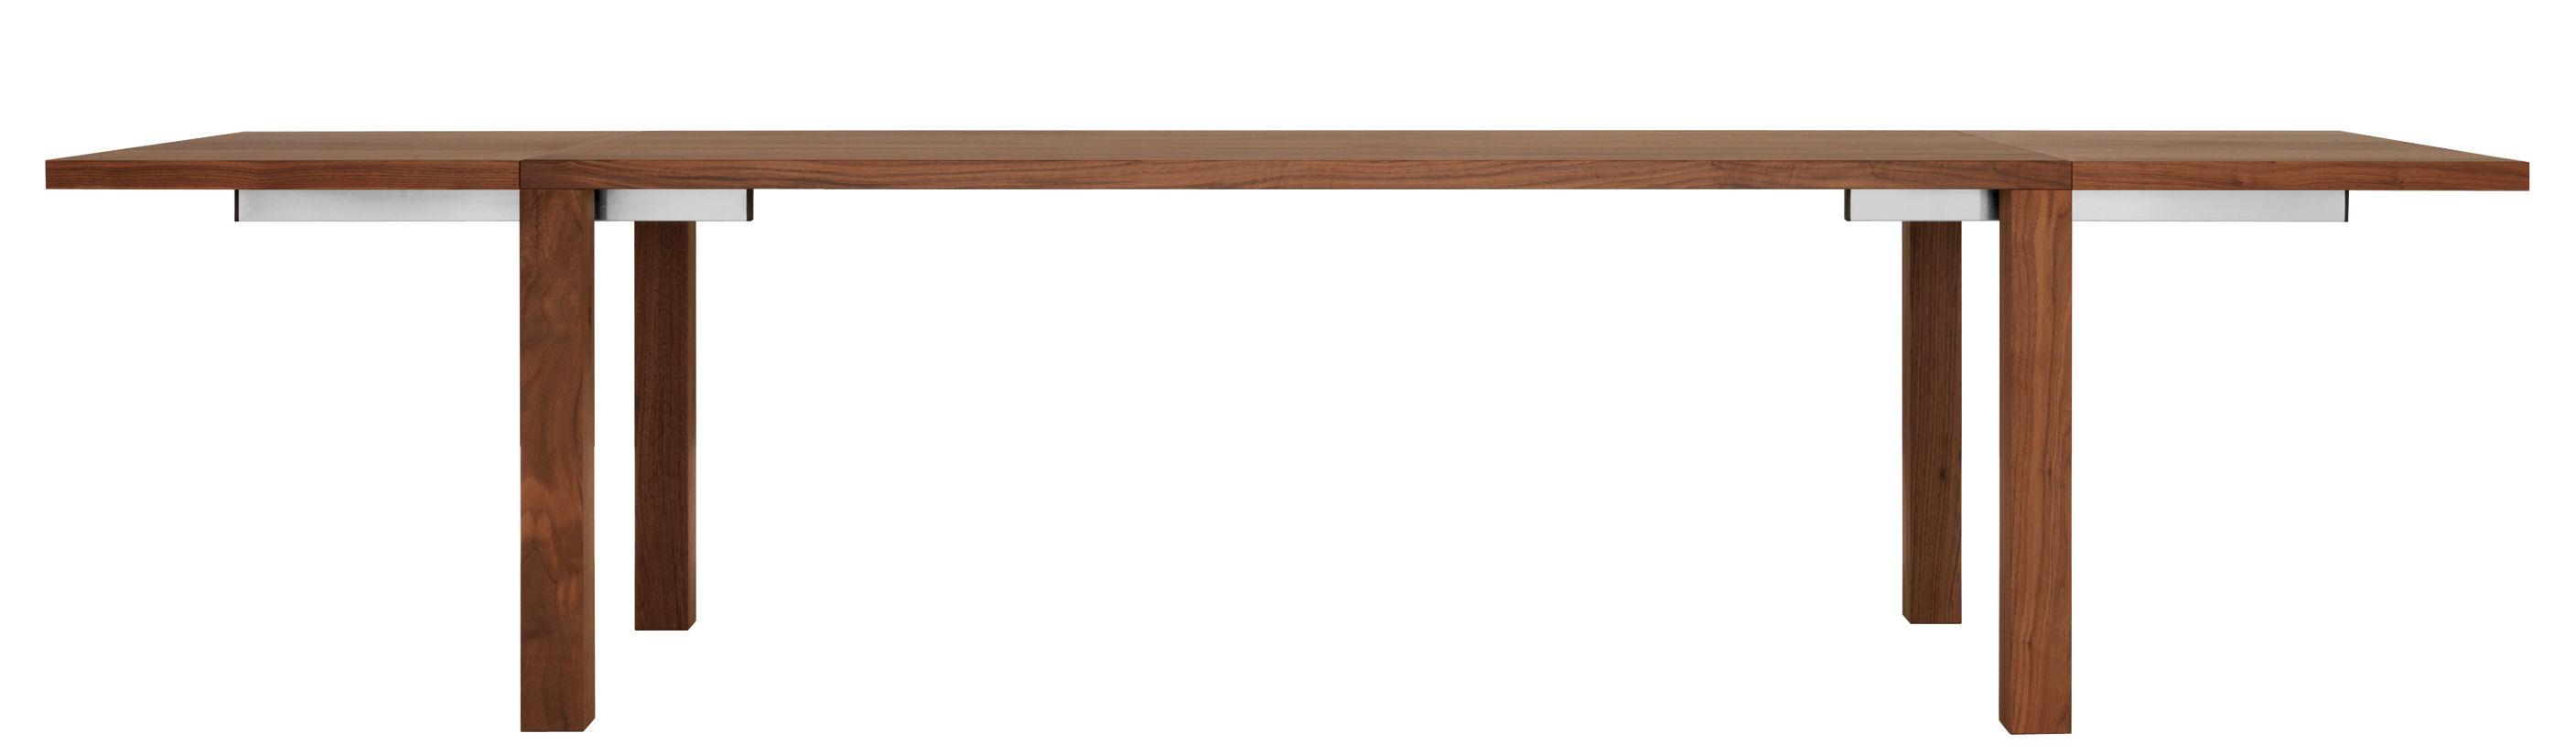 Mobilier - Tables - Table à rallonge Pjur / L 180 à 300 cm - Zeitraum - Noyer Americain - Noyer massif